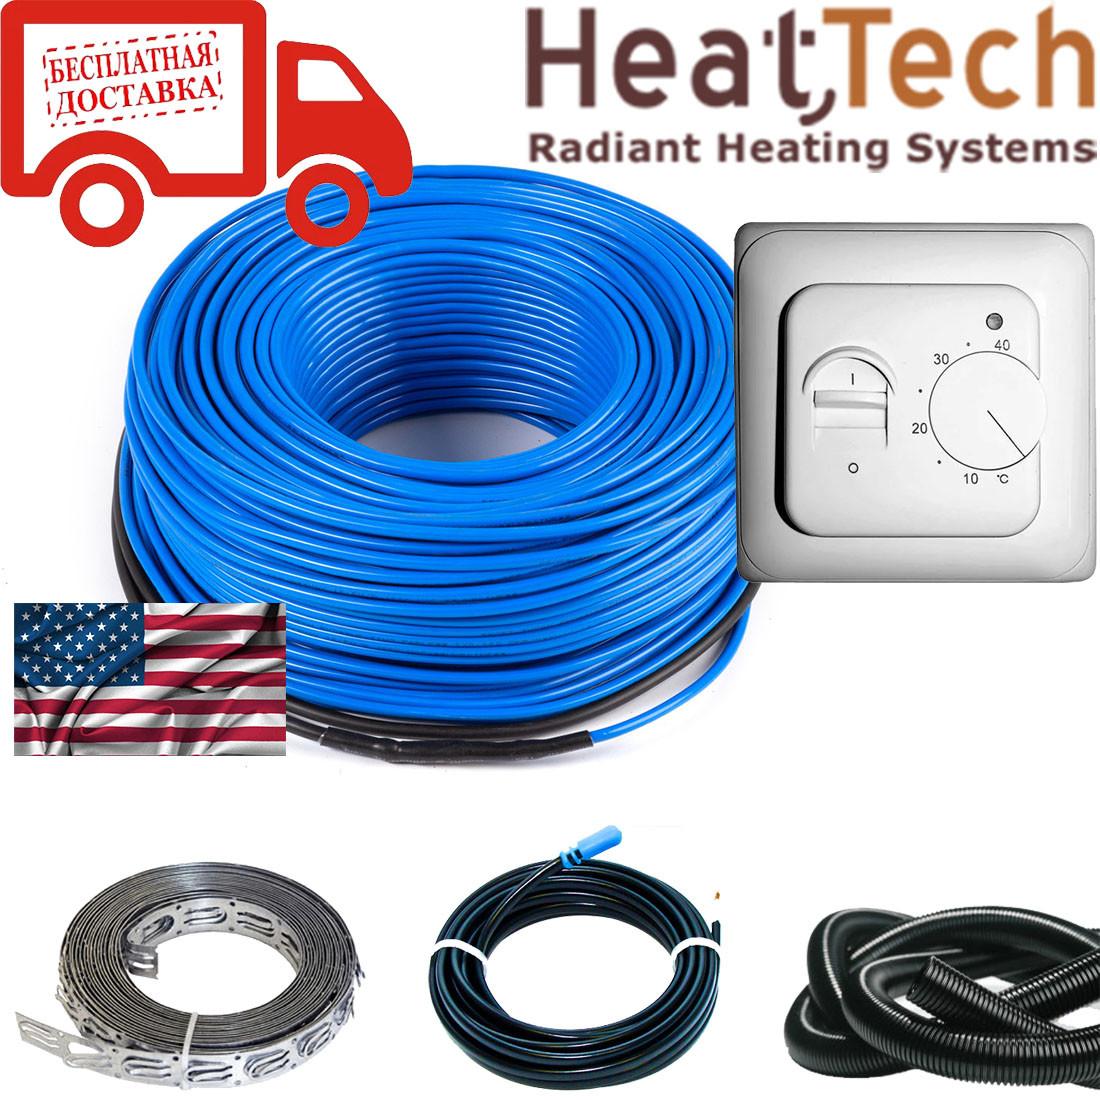 Нагрівальний кабель для теплої підлоги HeatTech (США) HTCBL 2300 Вт 115м. Комплект з терморегулятором